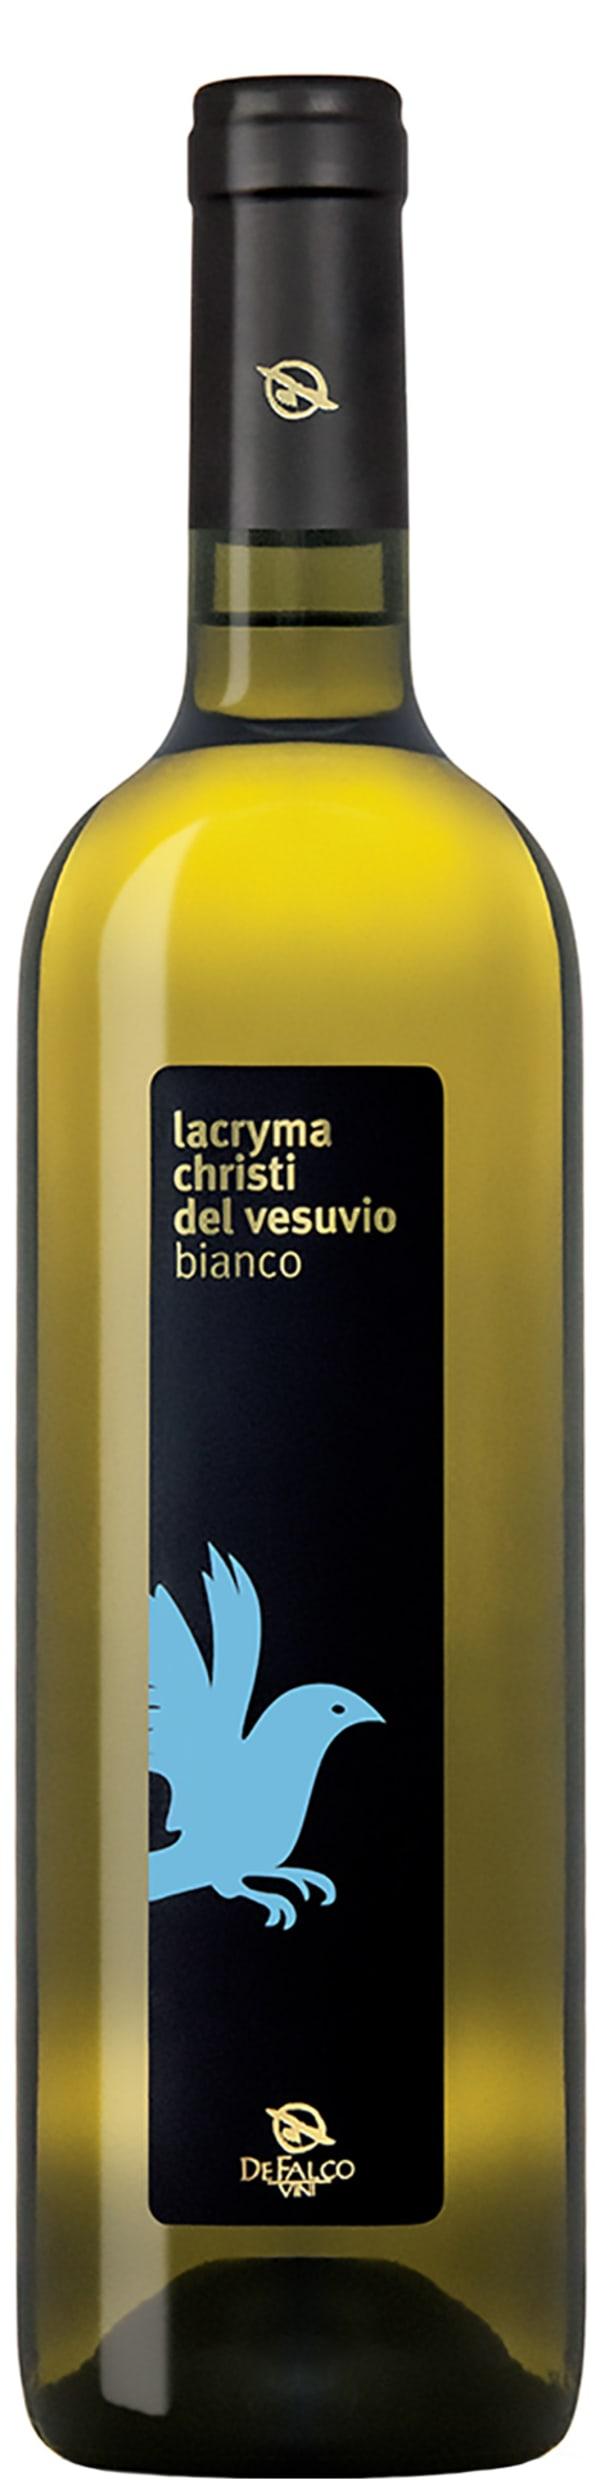 De Falco Vini Lacryma Christi del Vesuvio Bianco 2015